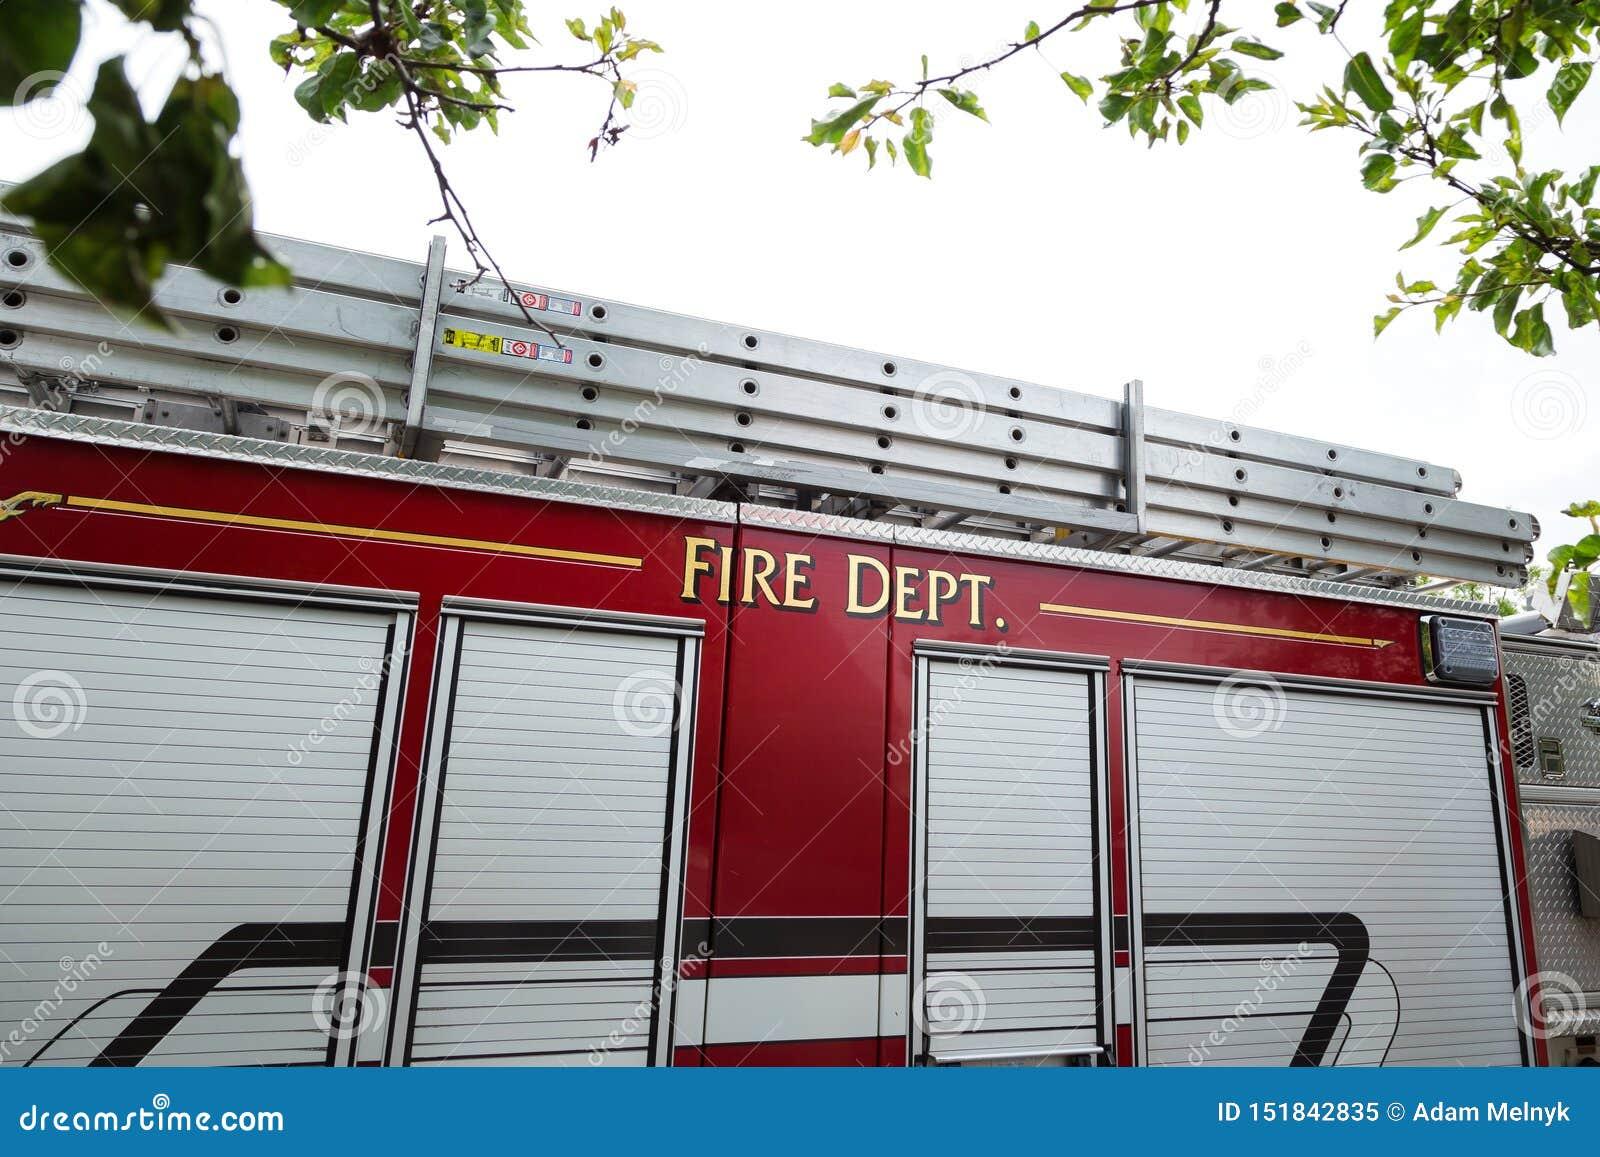 Η πλευρά ενός κόκκινου πυροσβεστικού οχήματος με την πυροσβεστική υπηρεσία που γράφεται στην πλευρά